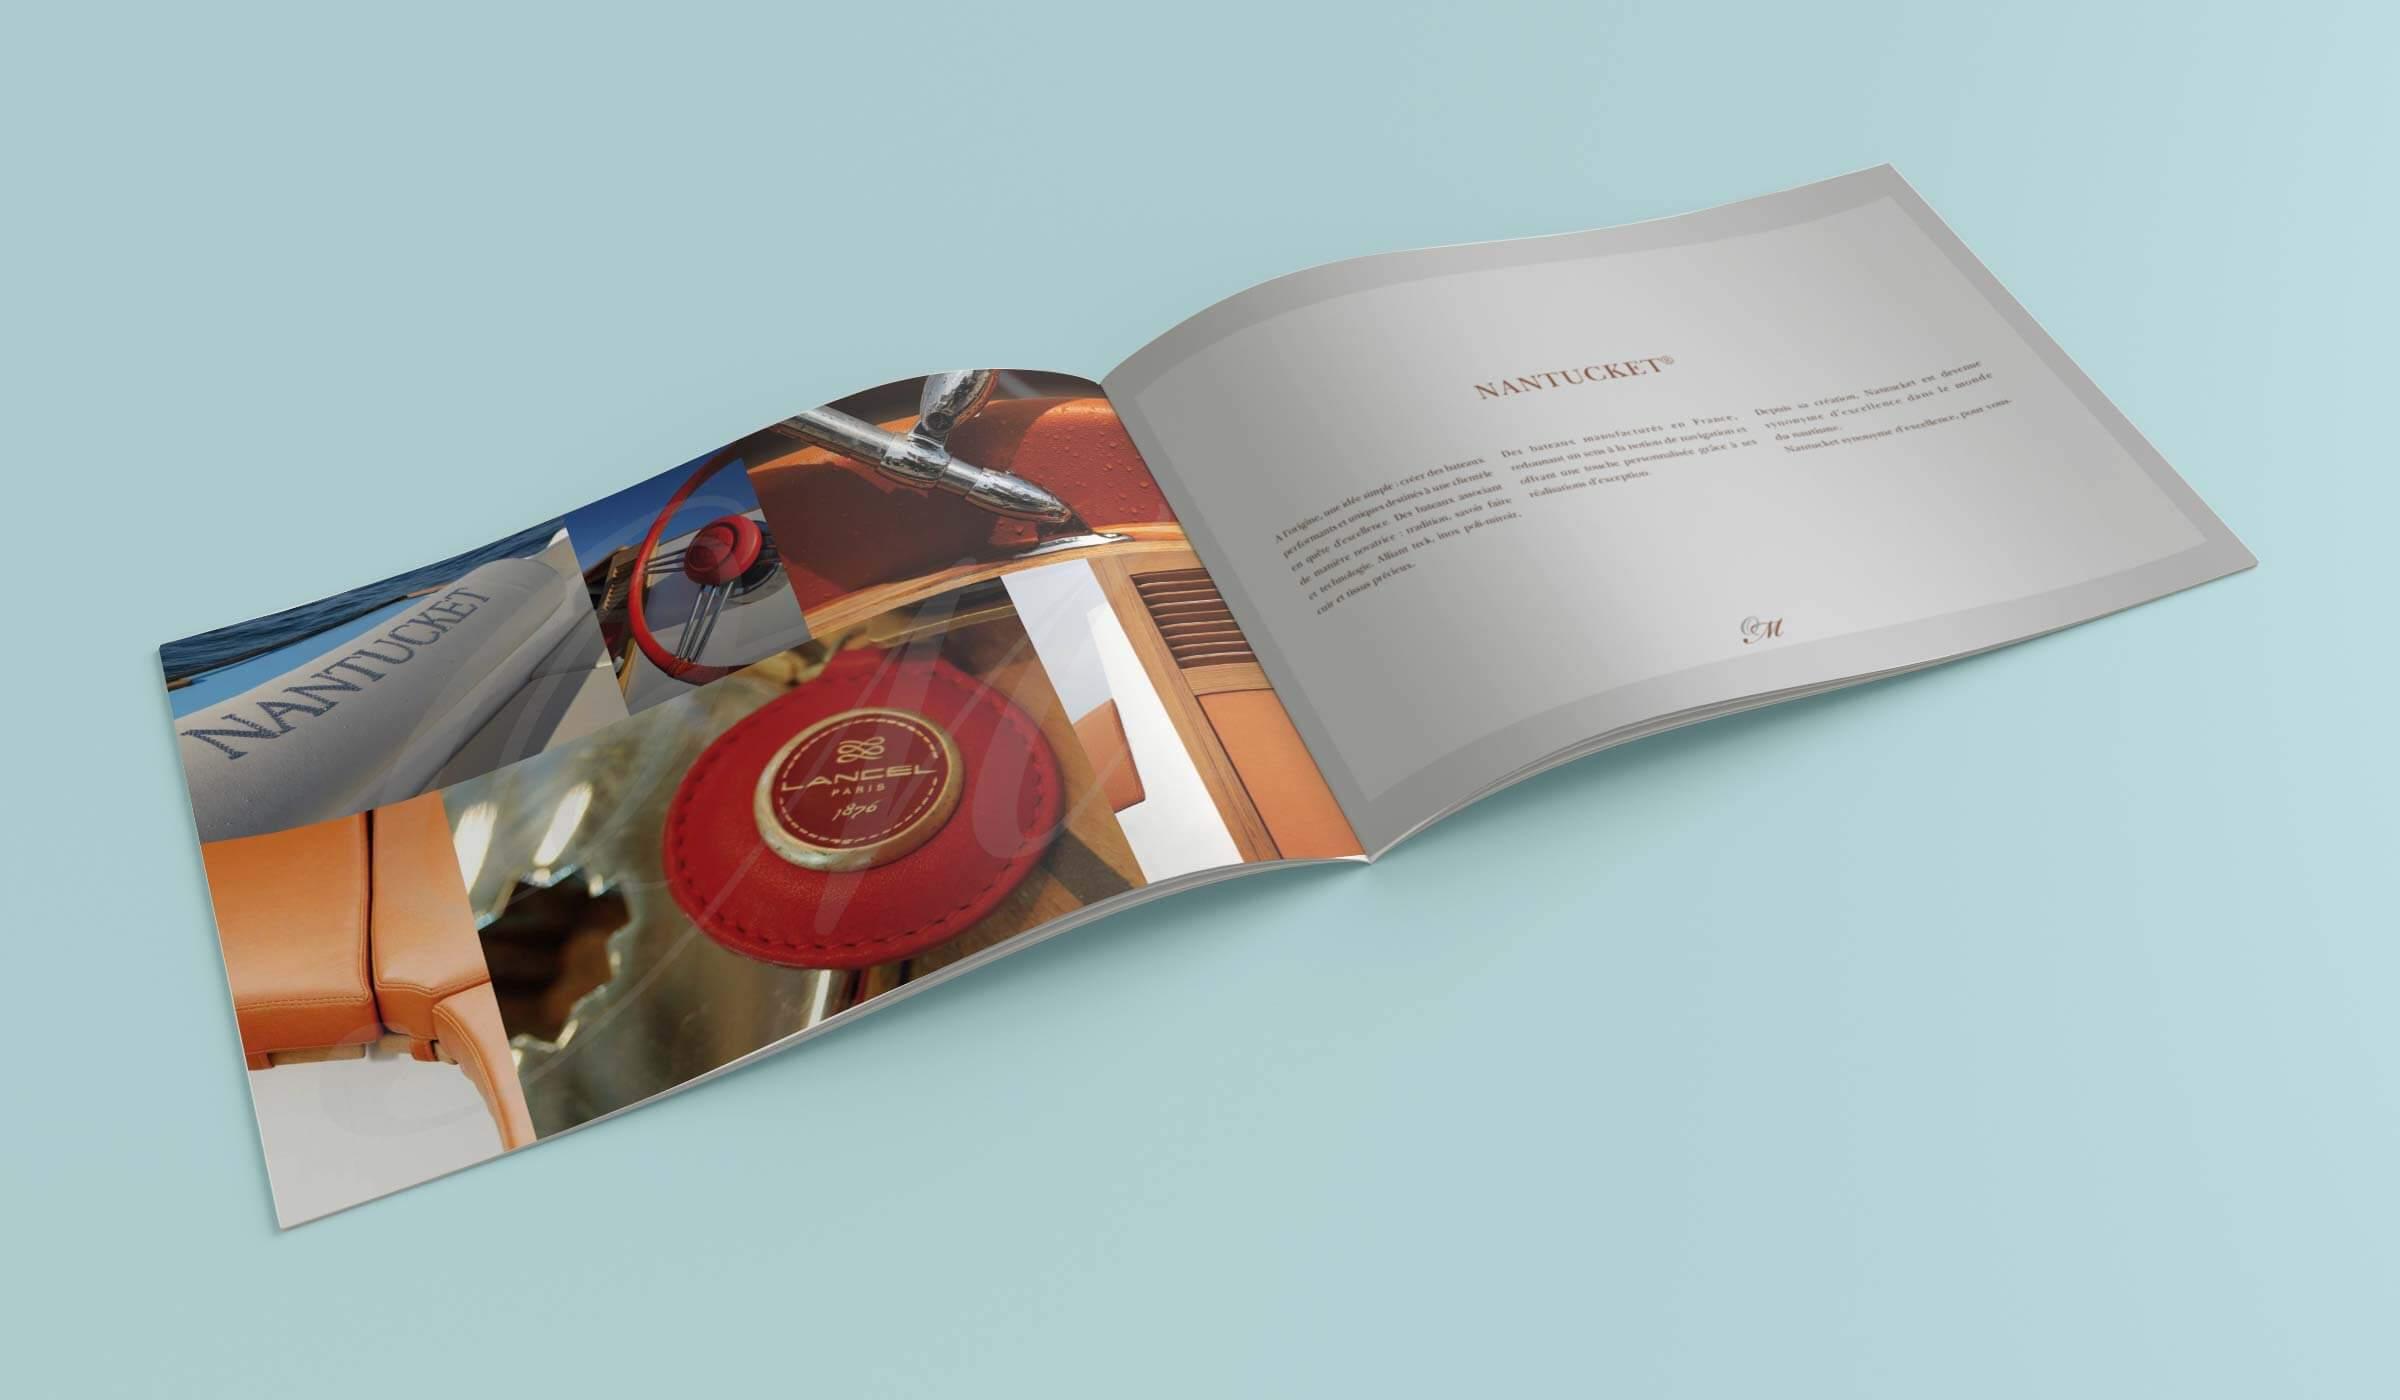 graphiste plaquette ostrea marine Brochure de luxe pour le bateau dans Touquettes création sur le bassin d'Arcachon